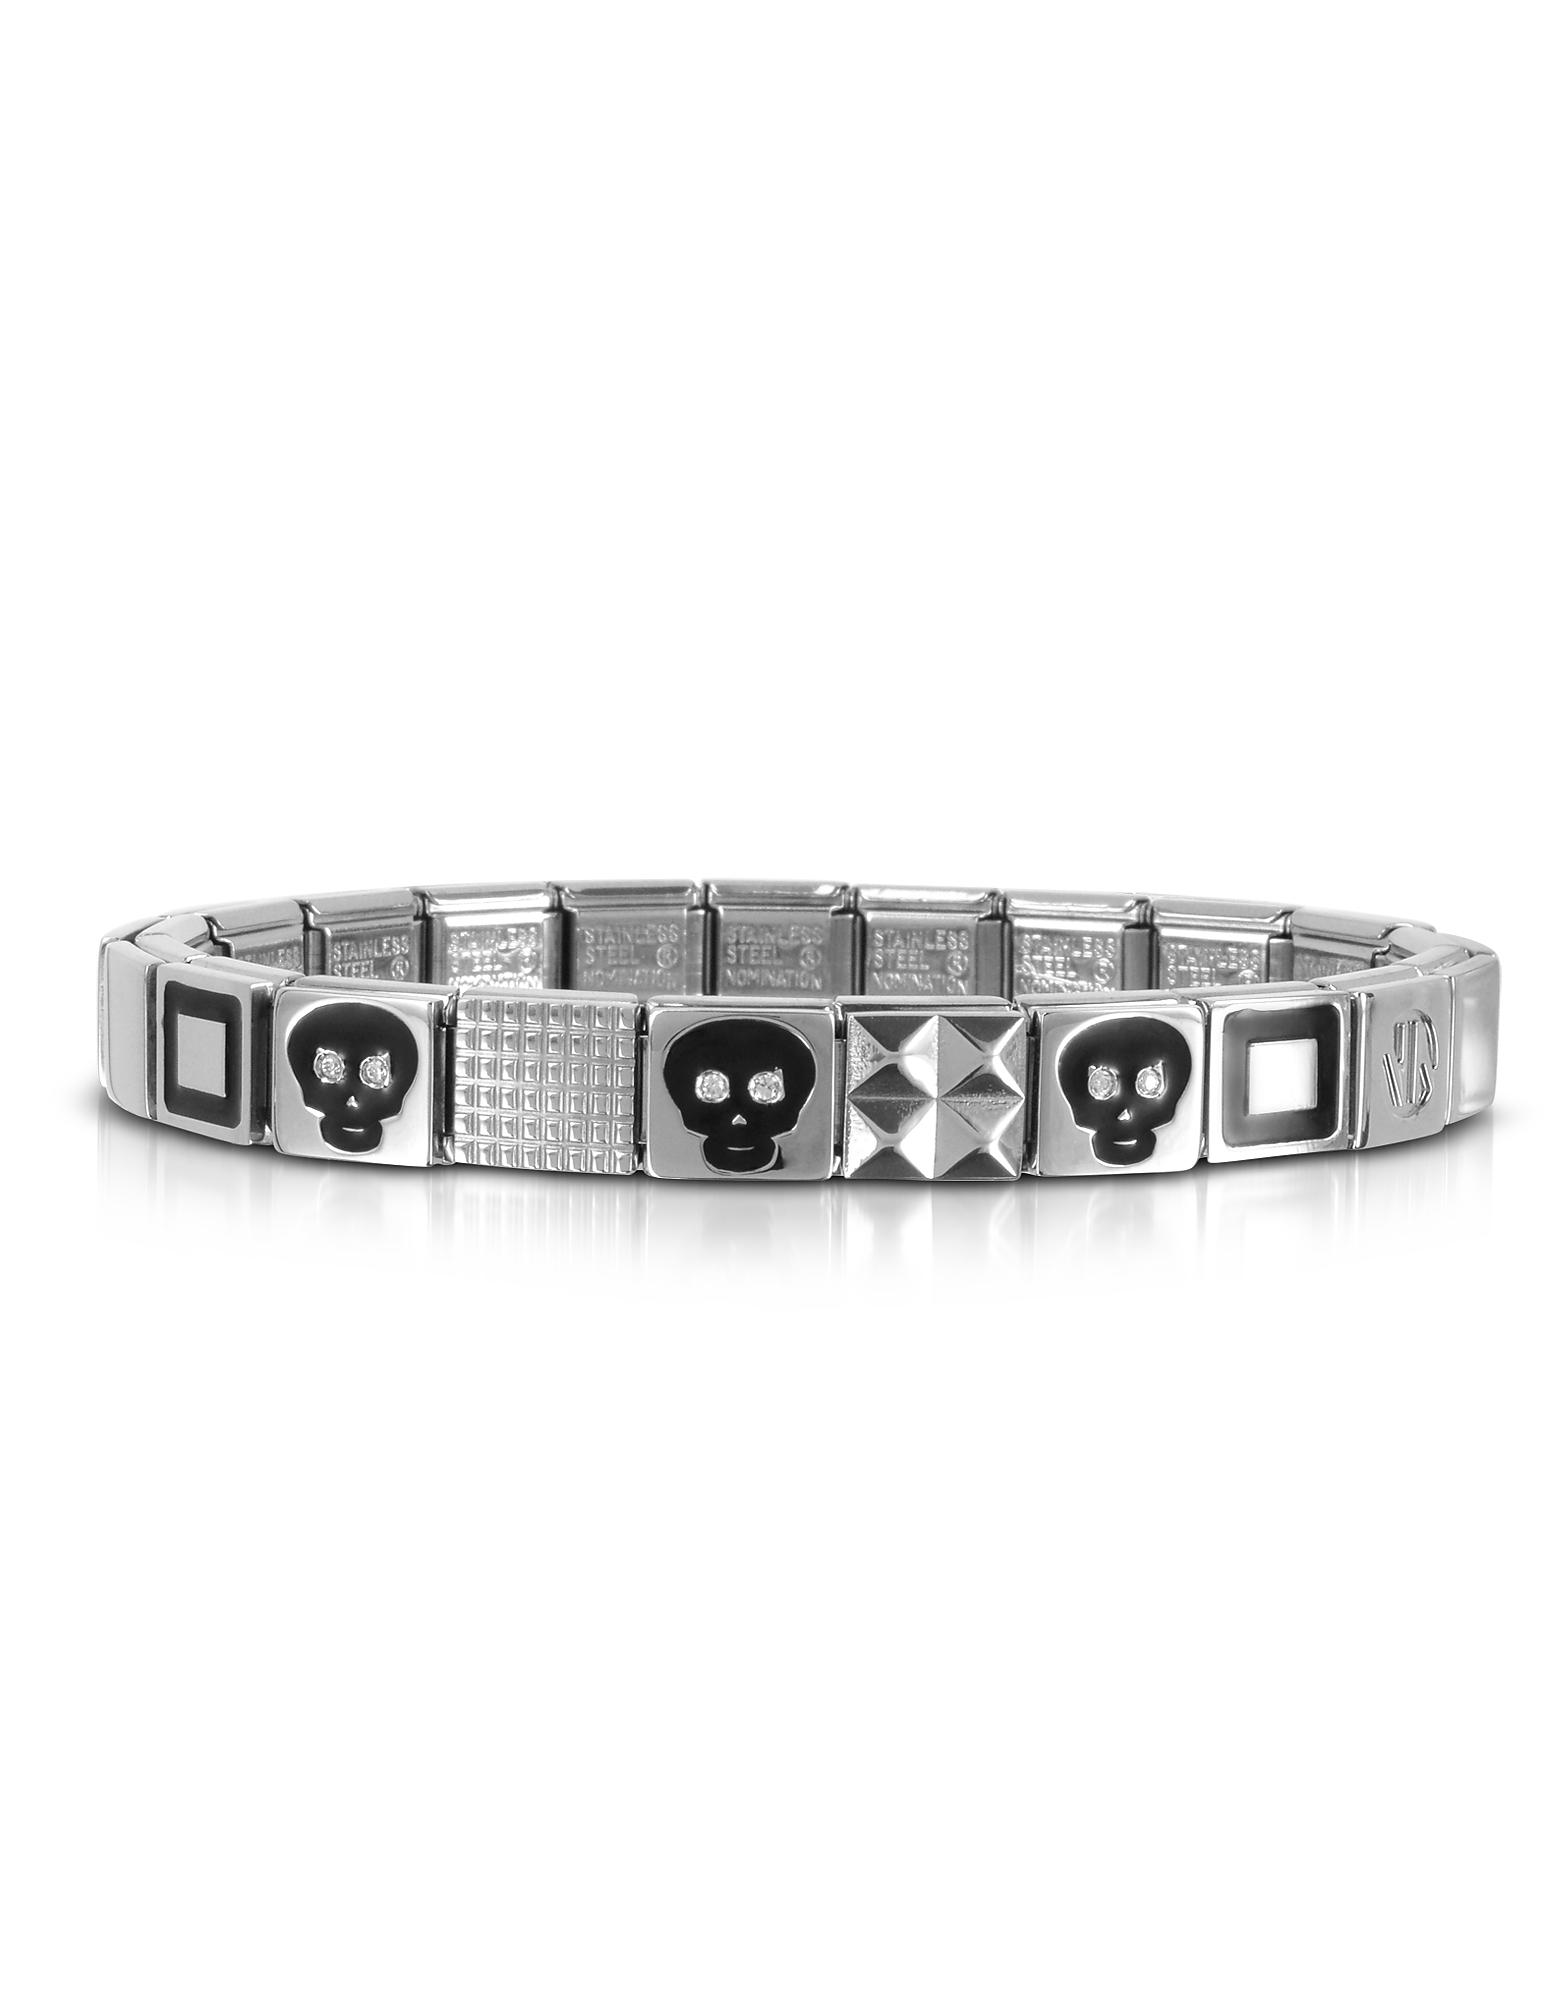 Steel Ikons - Браслет из Нержавеющей Стали с Черными Черепами, Квадратными Символами и Кубиками Циркония